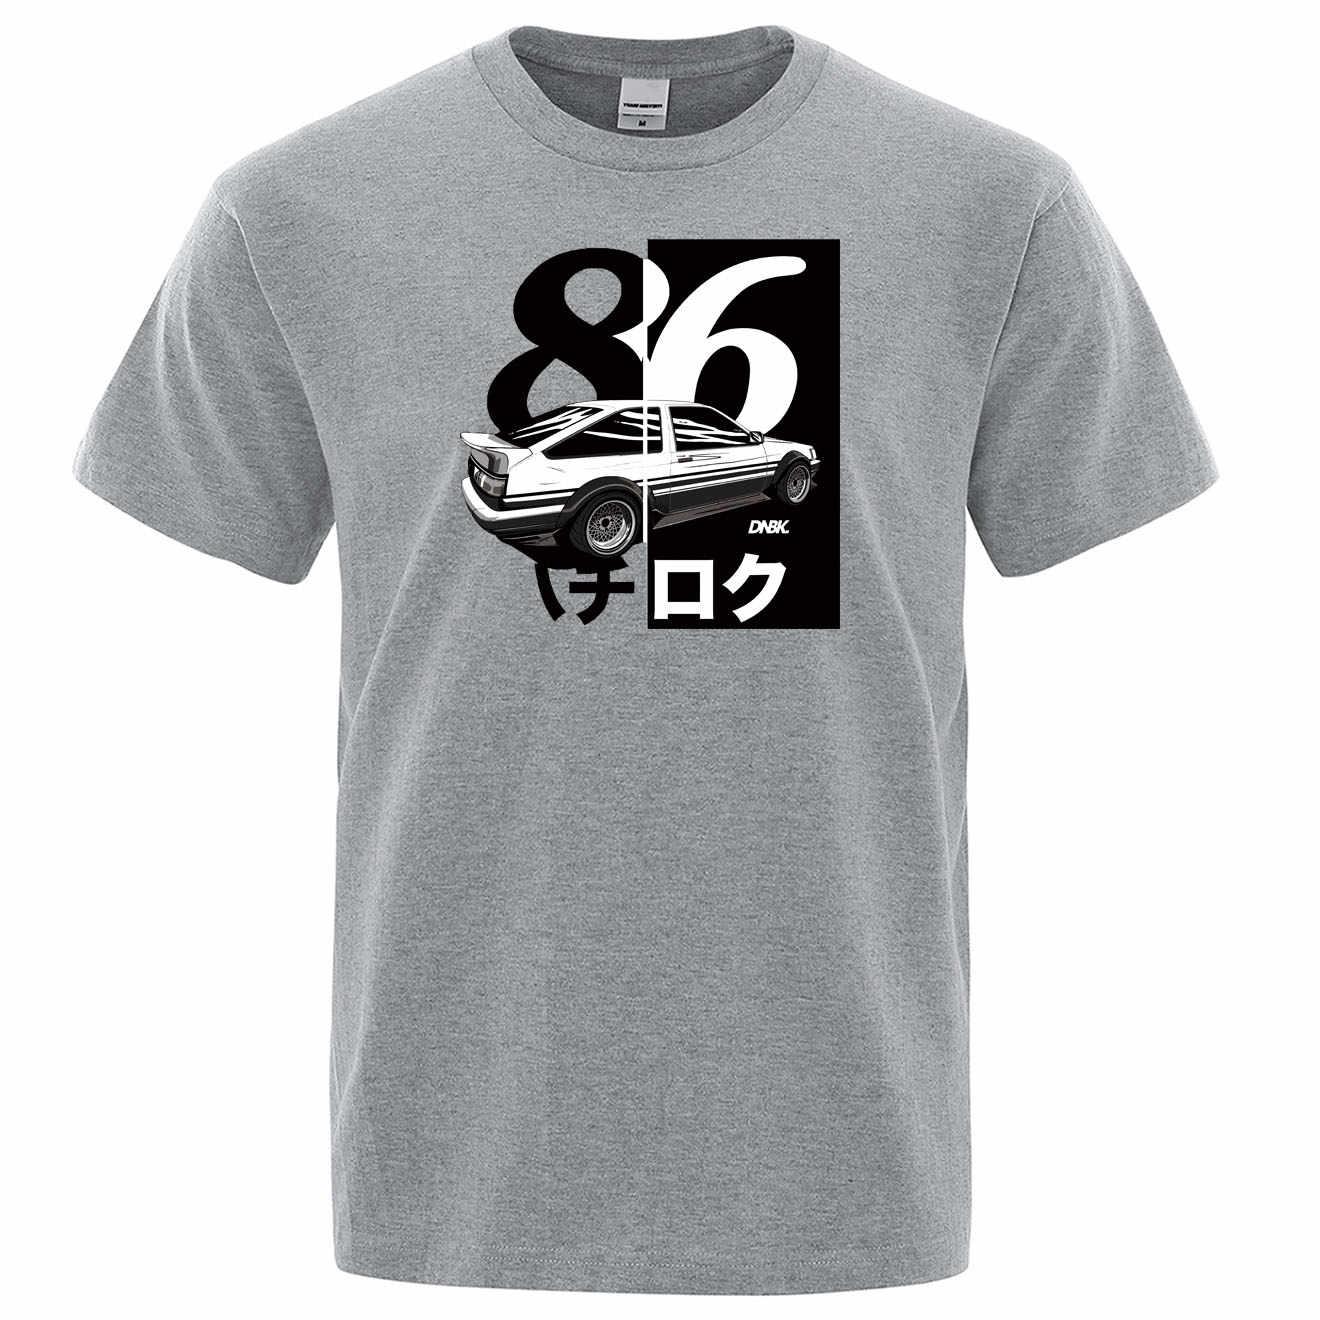 AE86 Iniziale D Homme Maglietta Degli Uomini di Stampa Deriva T-Shirt di Modo Freddo T Shirt Anime Giapponese Manica Corta Cotone di Estate Casual magliette e camicette